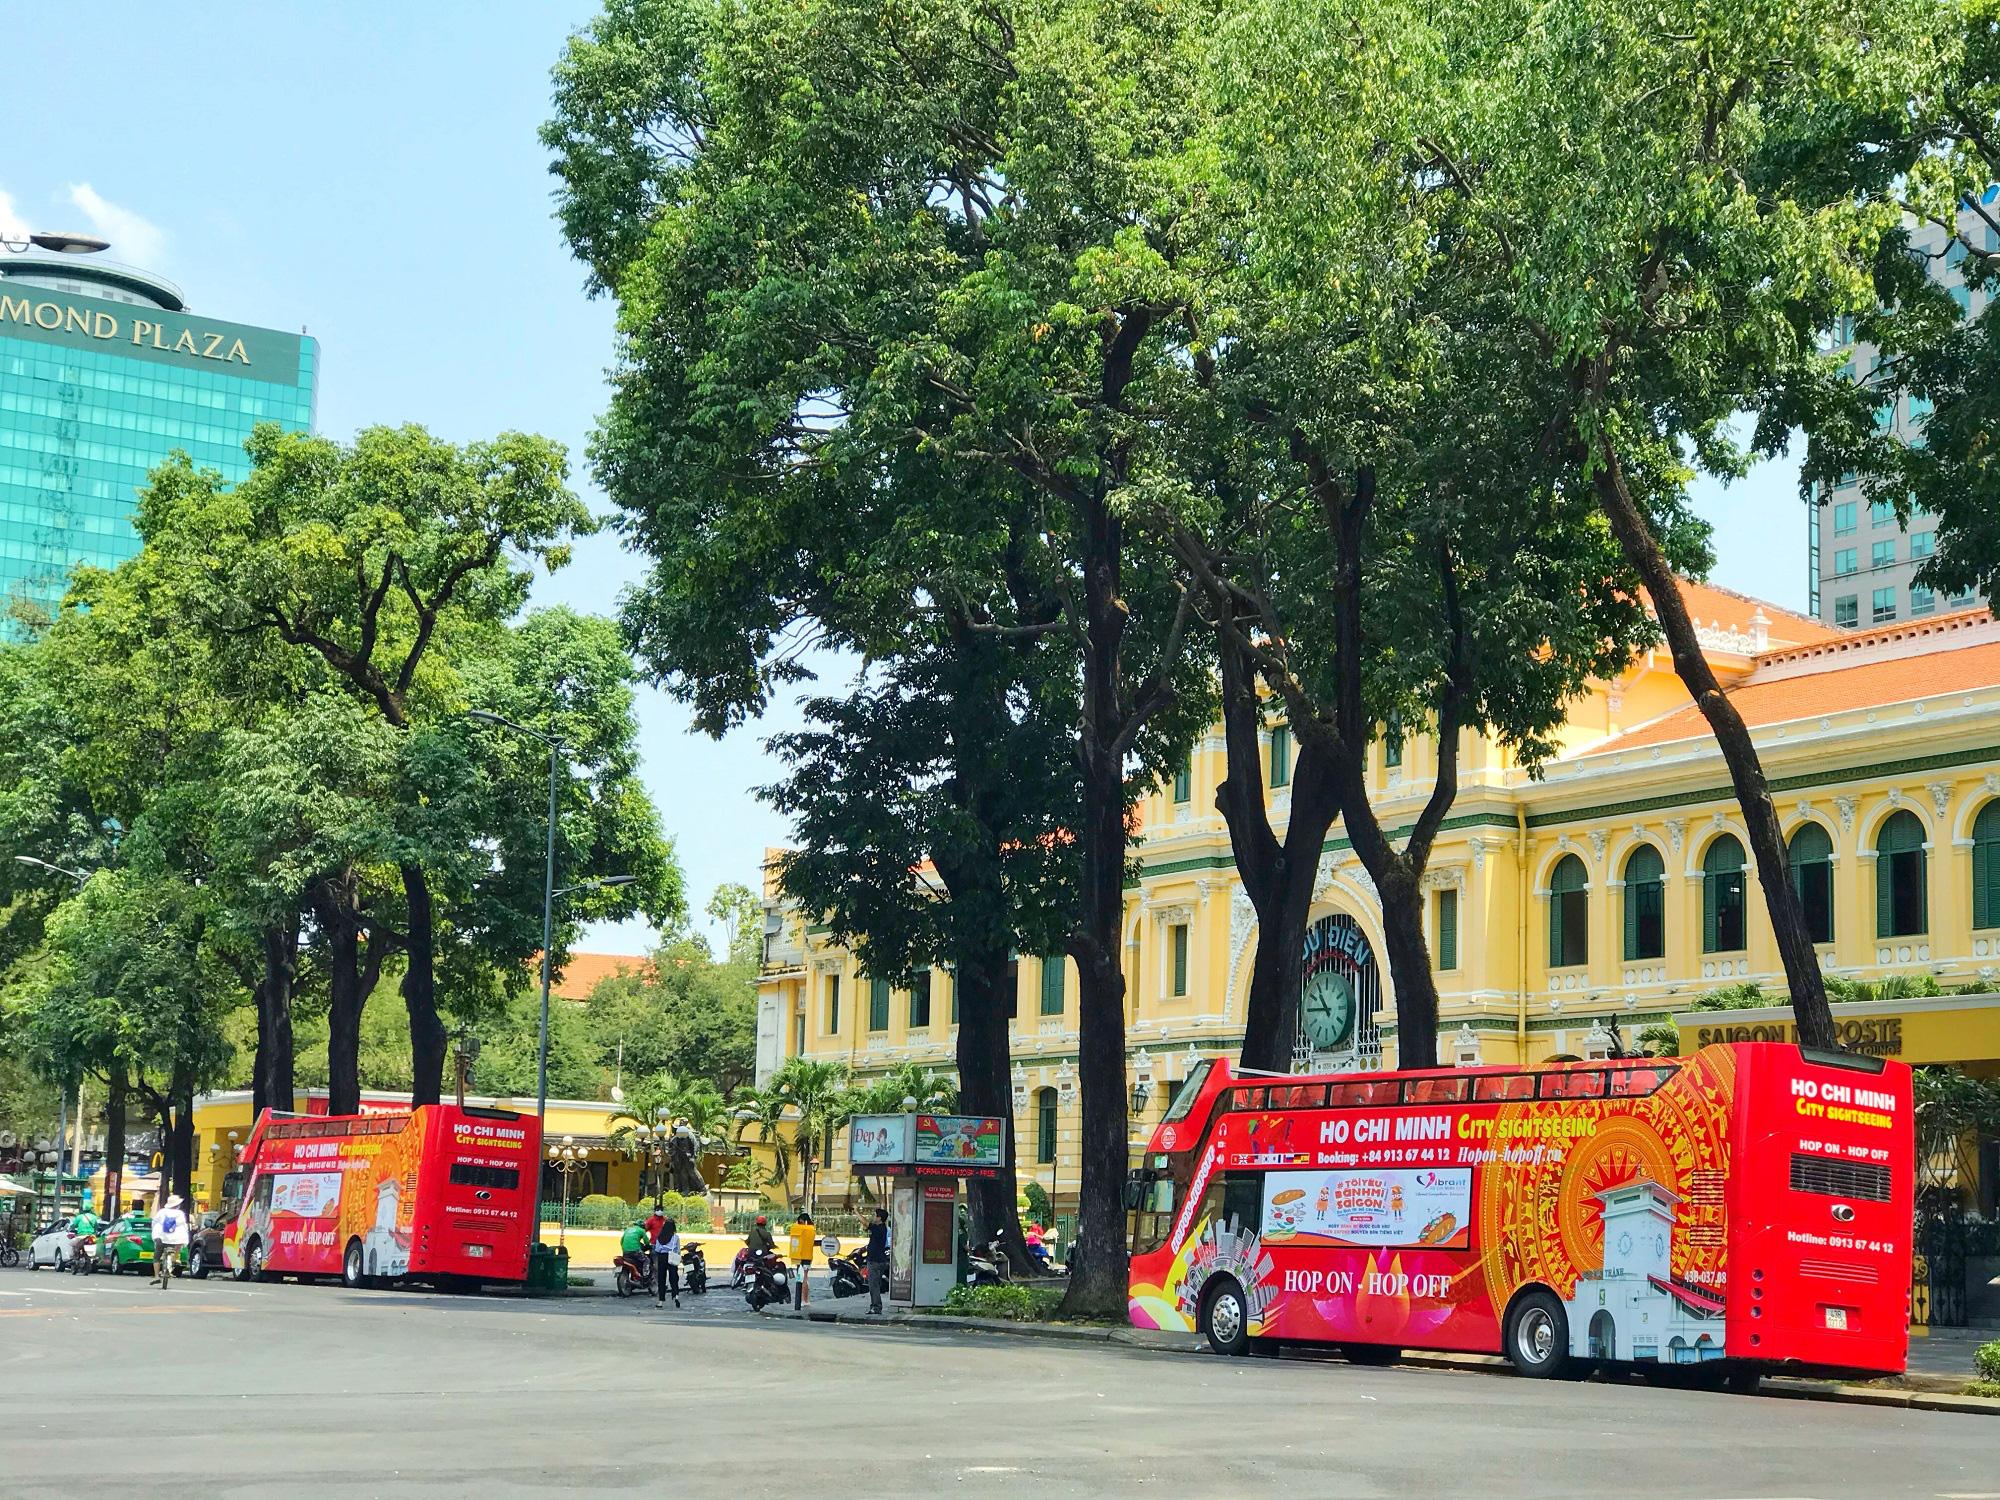 Các điểm du lịch tại TP.HCM vắng hoàn toàn sau quyết định dừng nhập cảnh người nước ngoài vào Việt Nam - Ảnh 12.